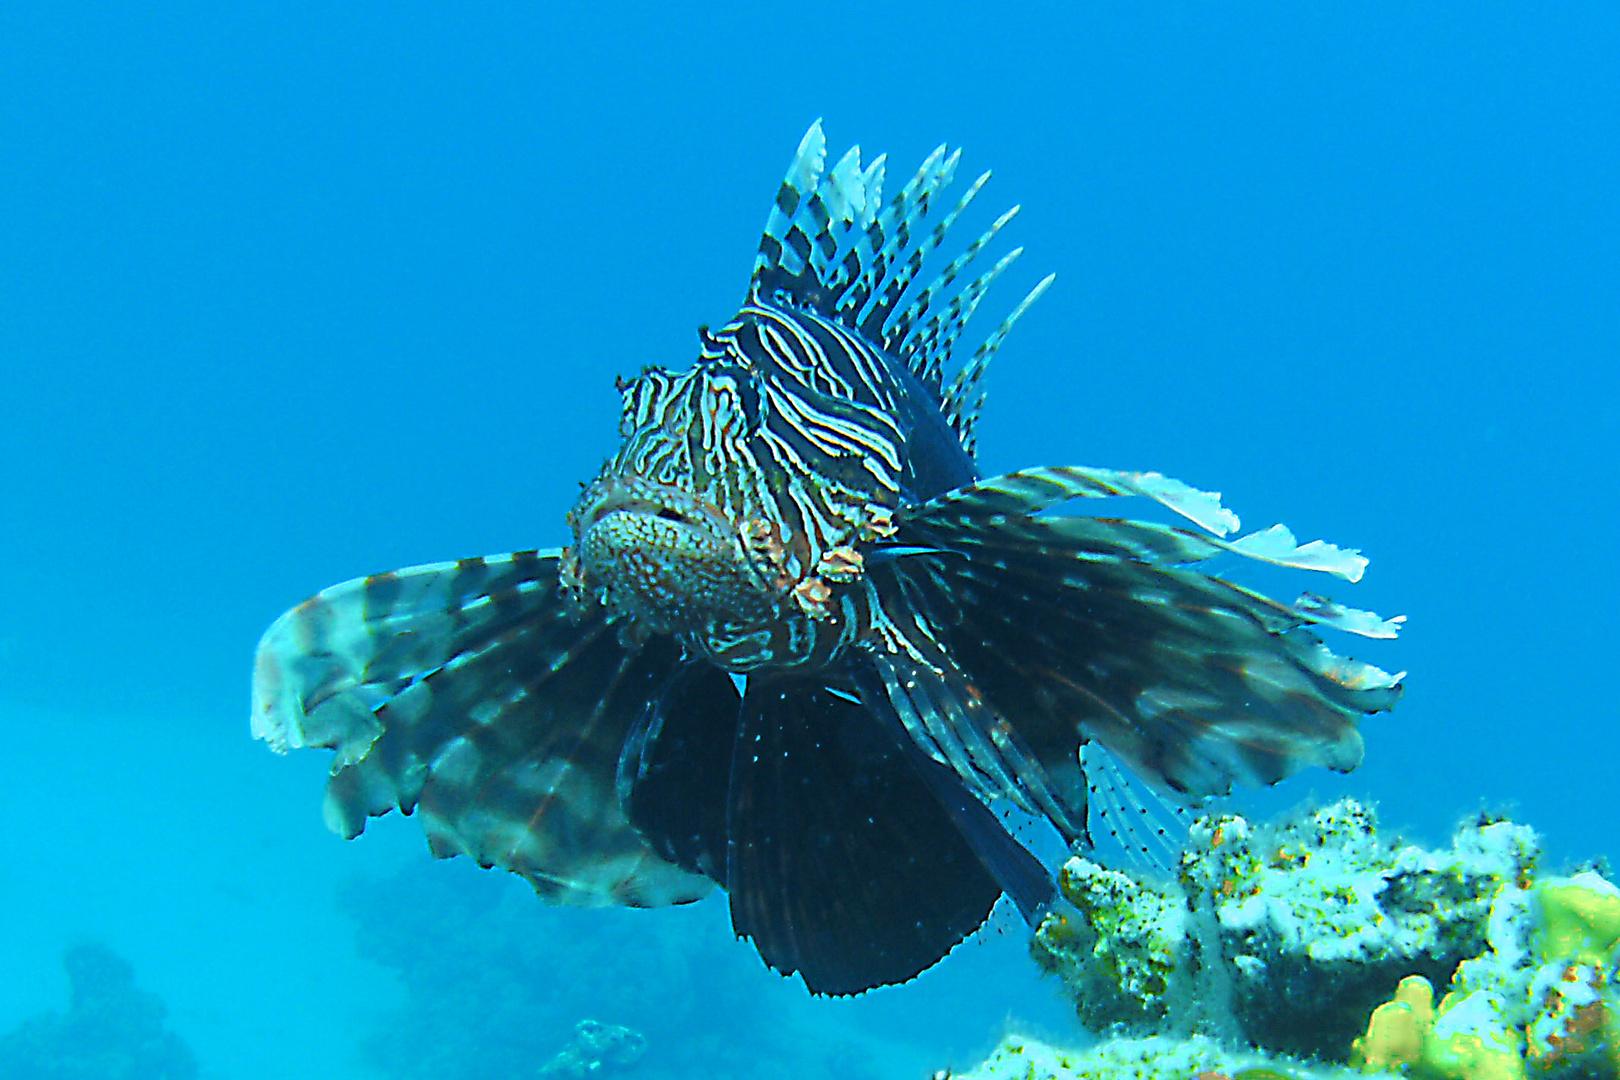 Rotfeuerfisch im Anflug